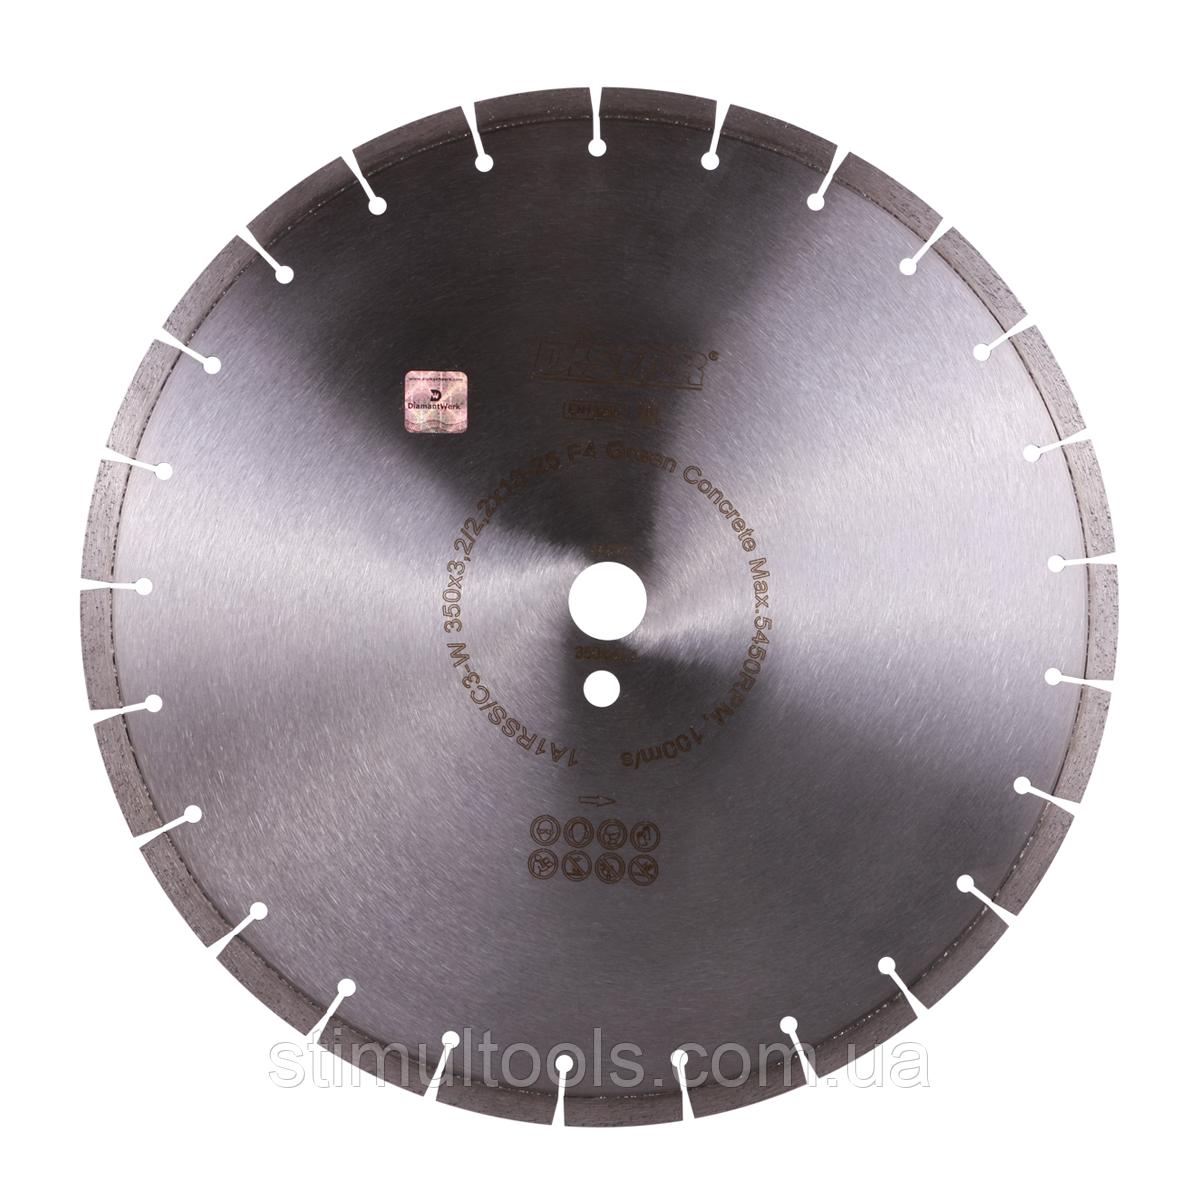 Алмазный круг Distar 1A1RSS/C3-W 400x3,5/2,5x10x25,4-28 F4 Green Concrete